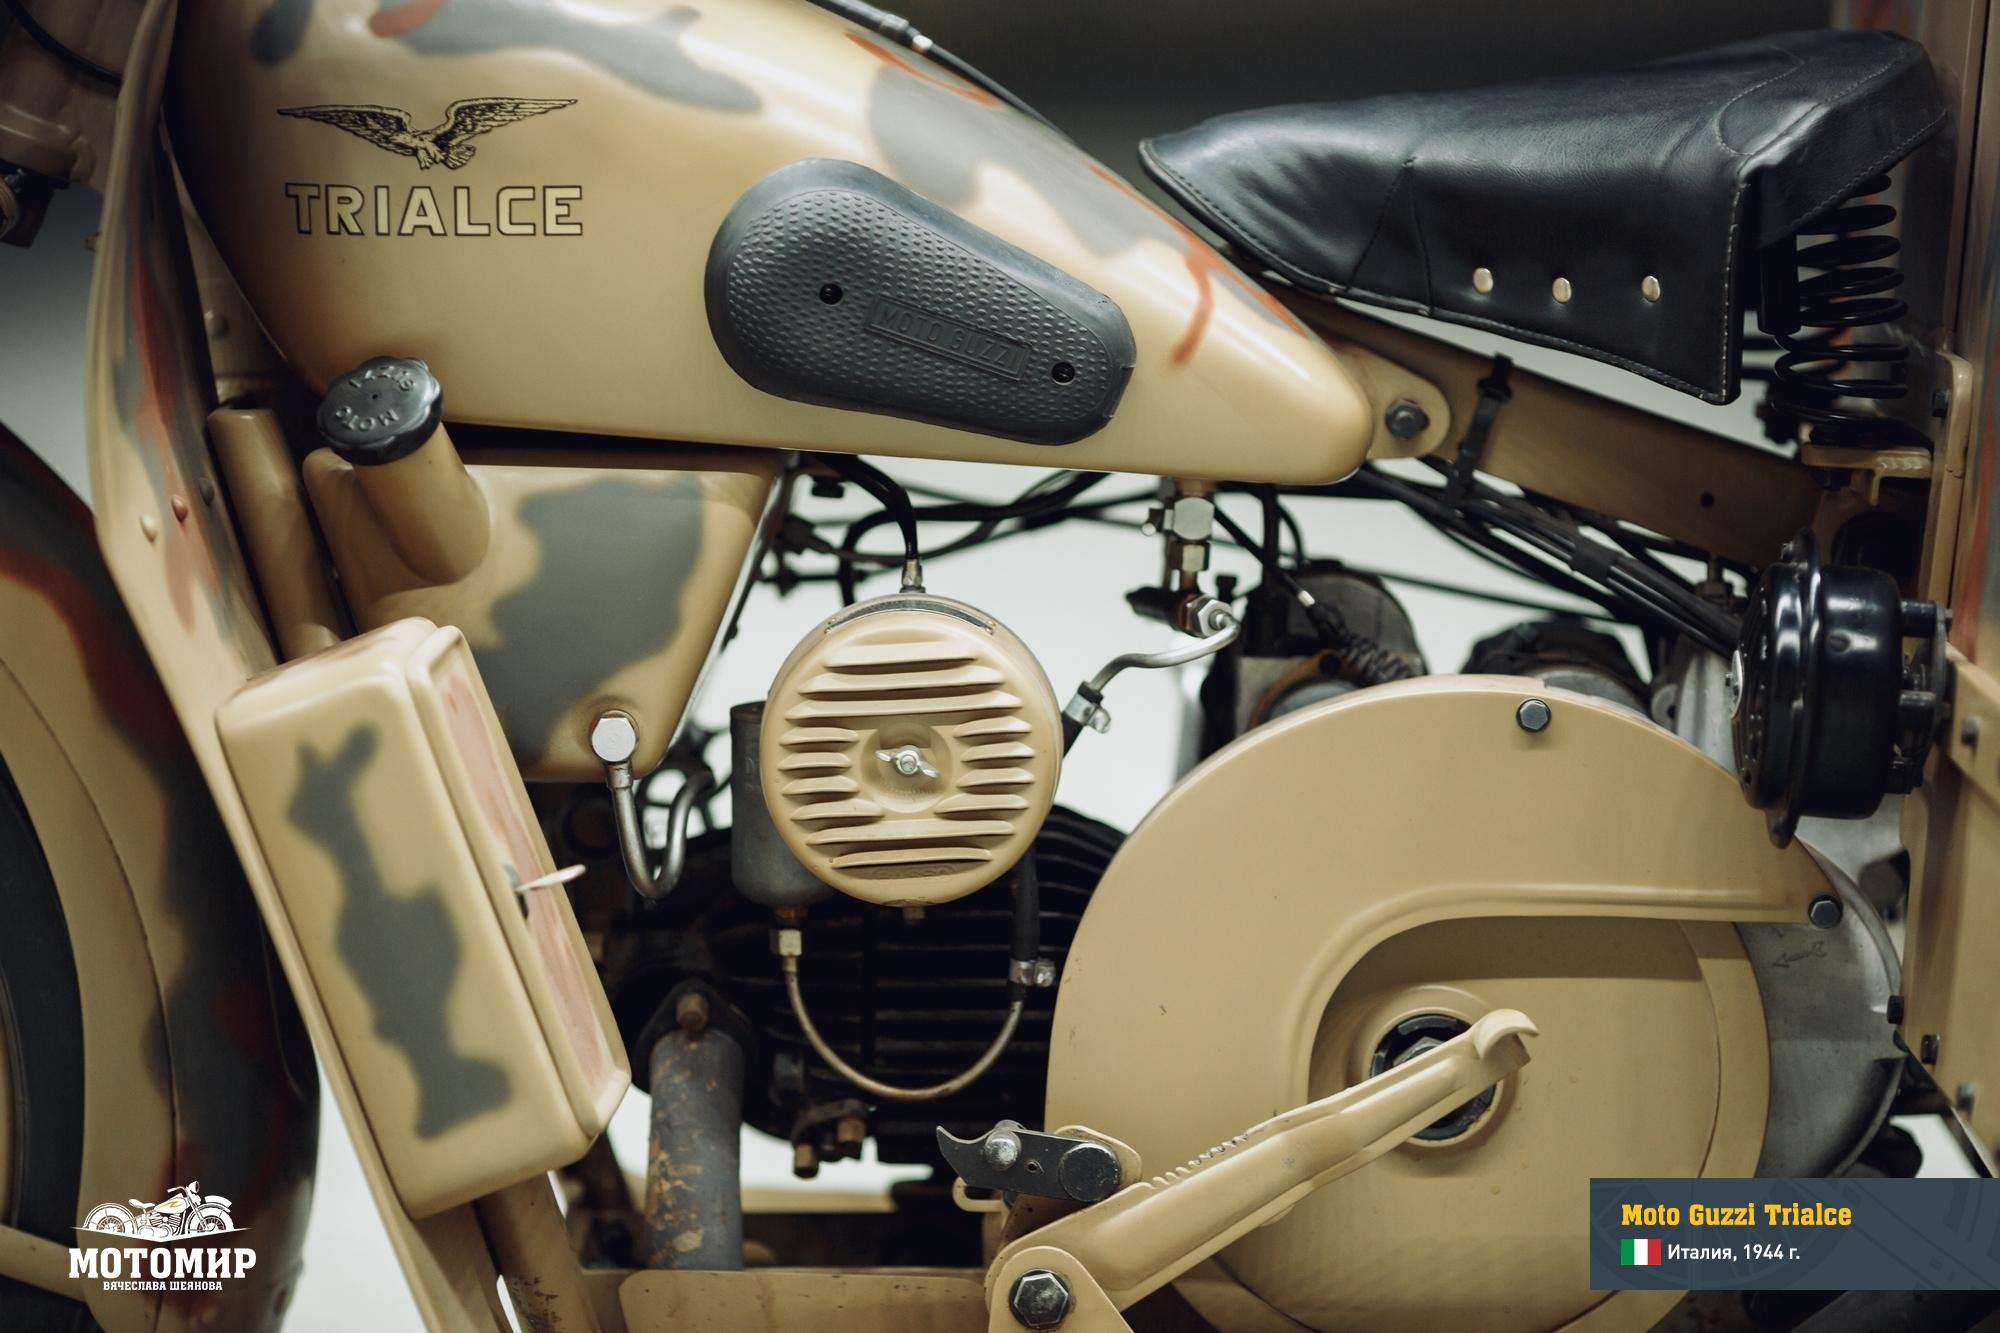 moto-guzzi-trialce-201502-web-15